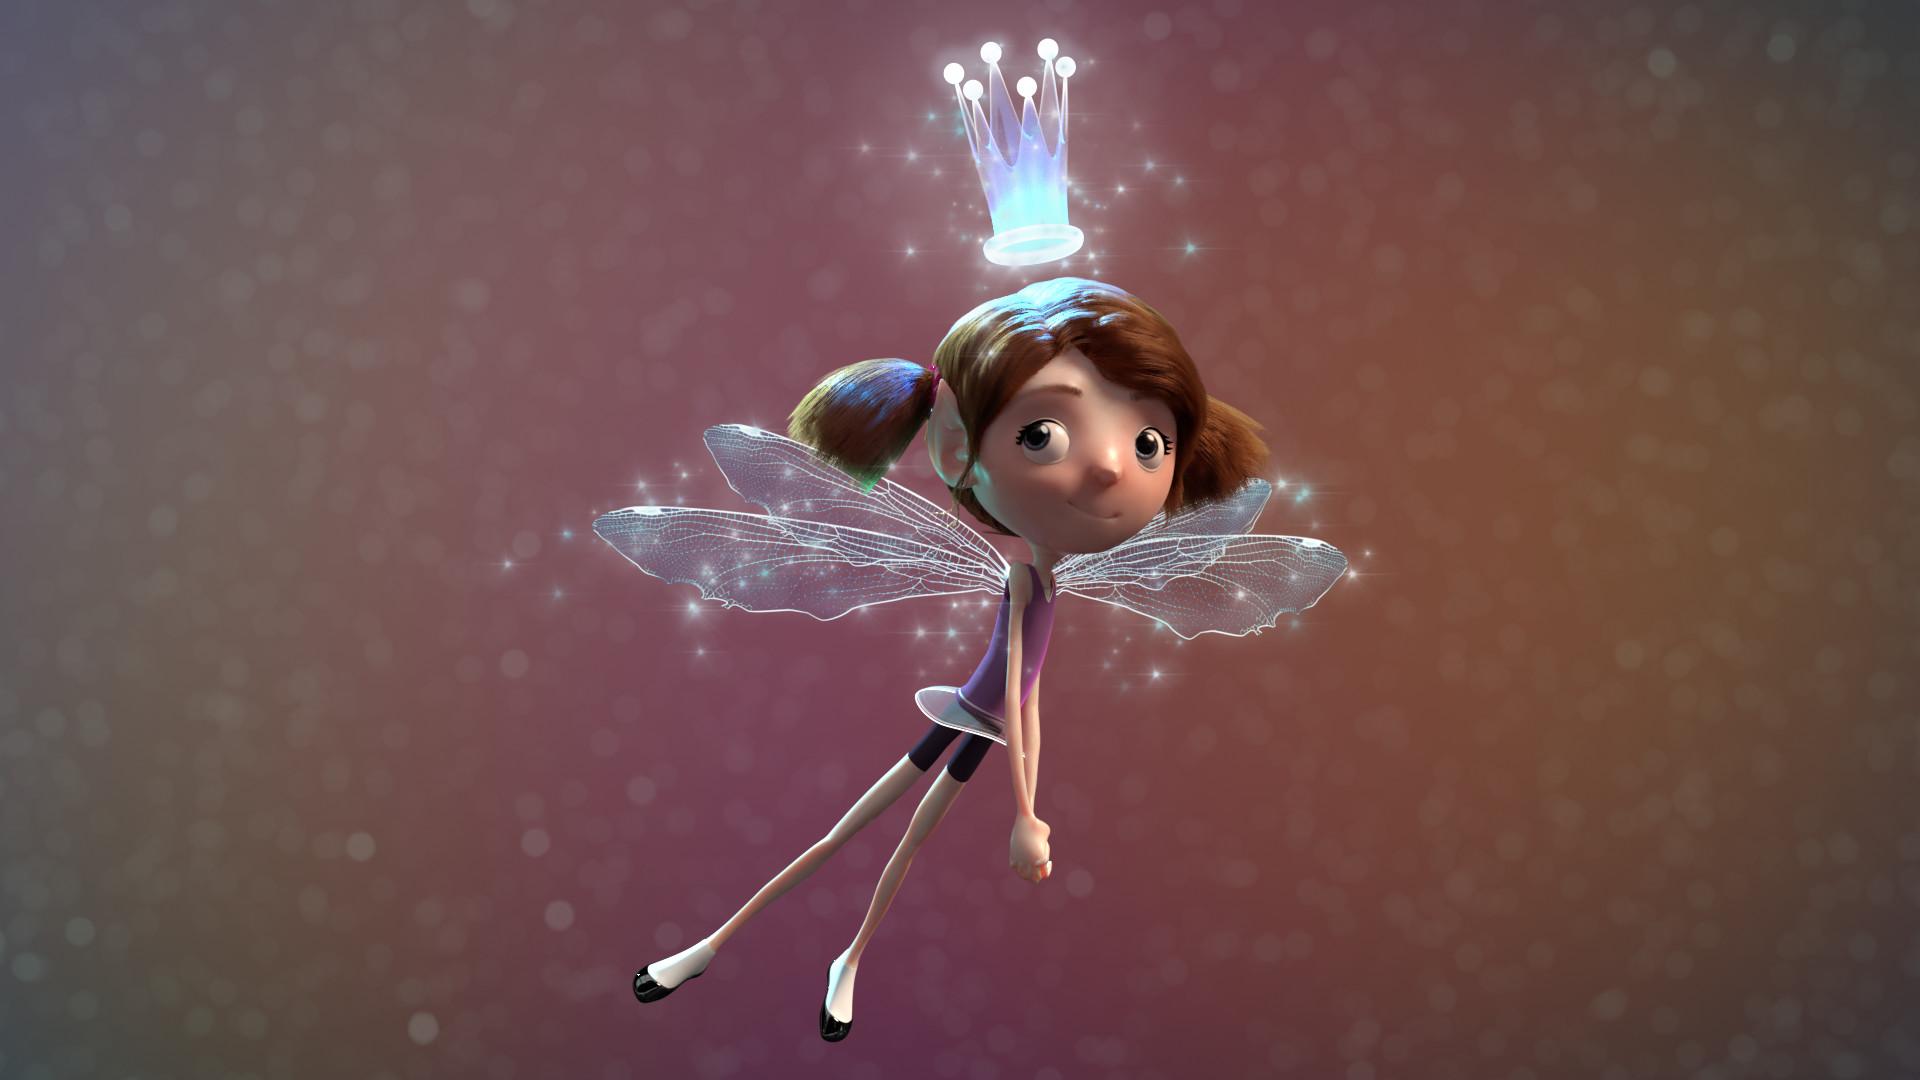 Glenn melenhorst fairy3